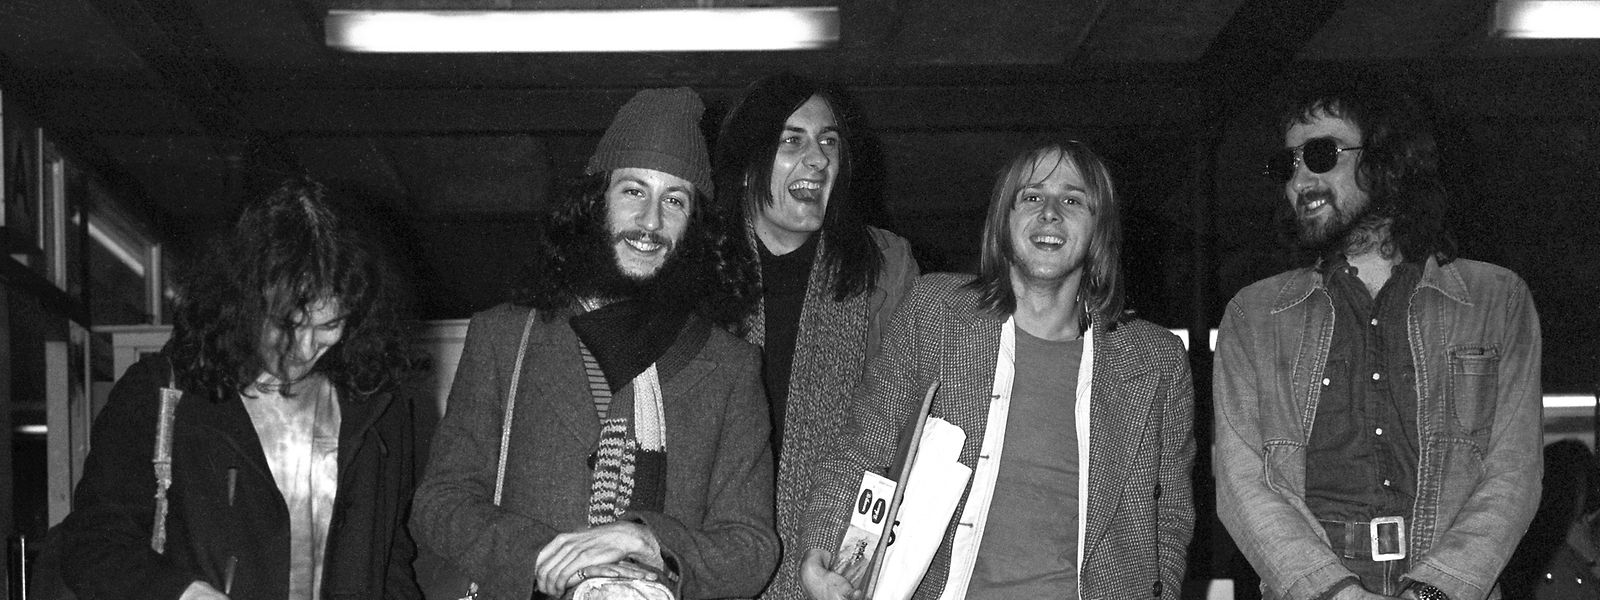 London, 1970: Die Mitglieder der Rockband Fleetwood Mac stehen am Londoner Flughafen. Der Mitbegründer von Fleetwood Mac, Peter Green (2.v.l), ist im Alter von 73 Jahren gestorben.